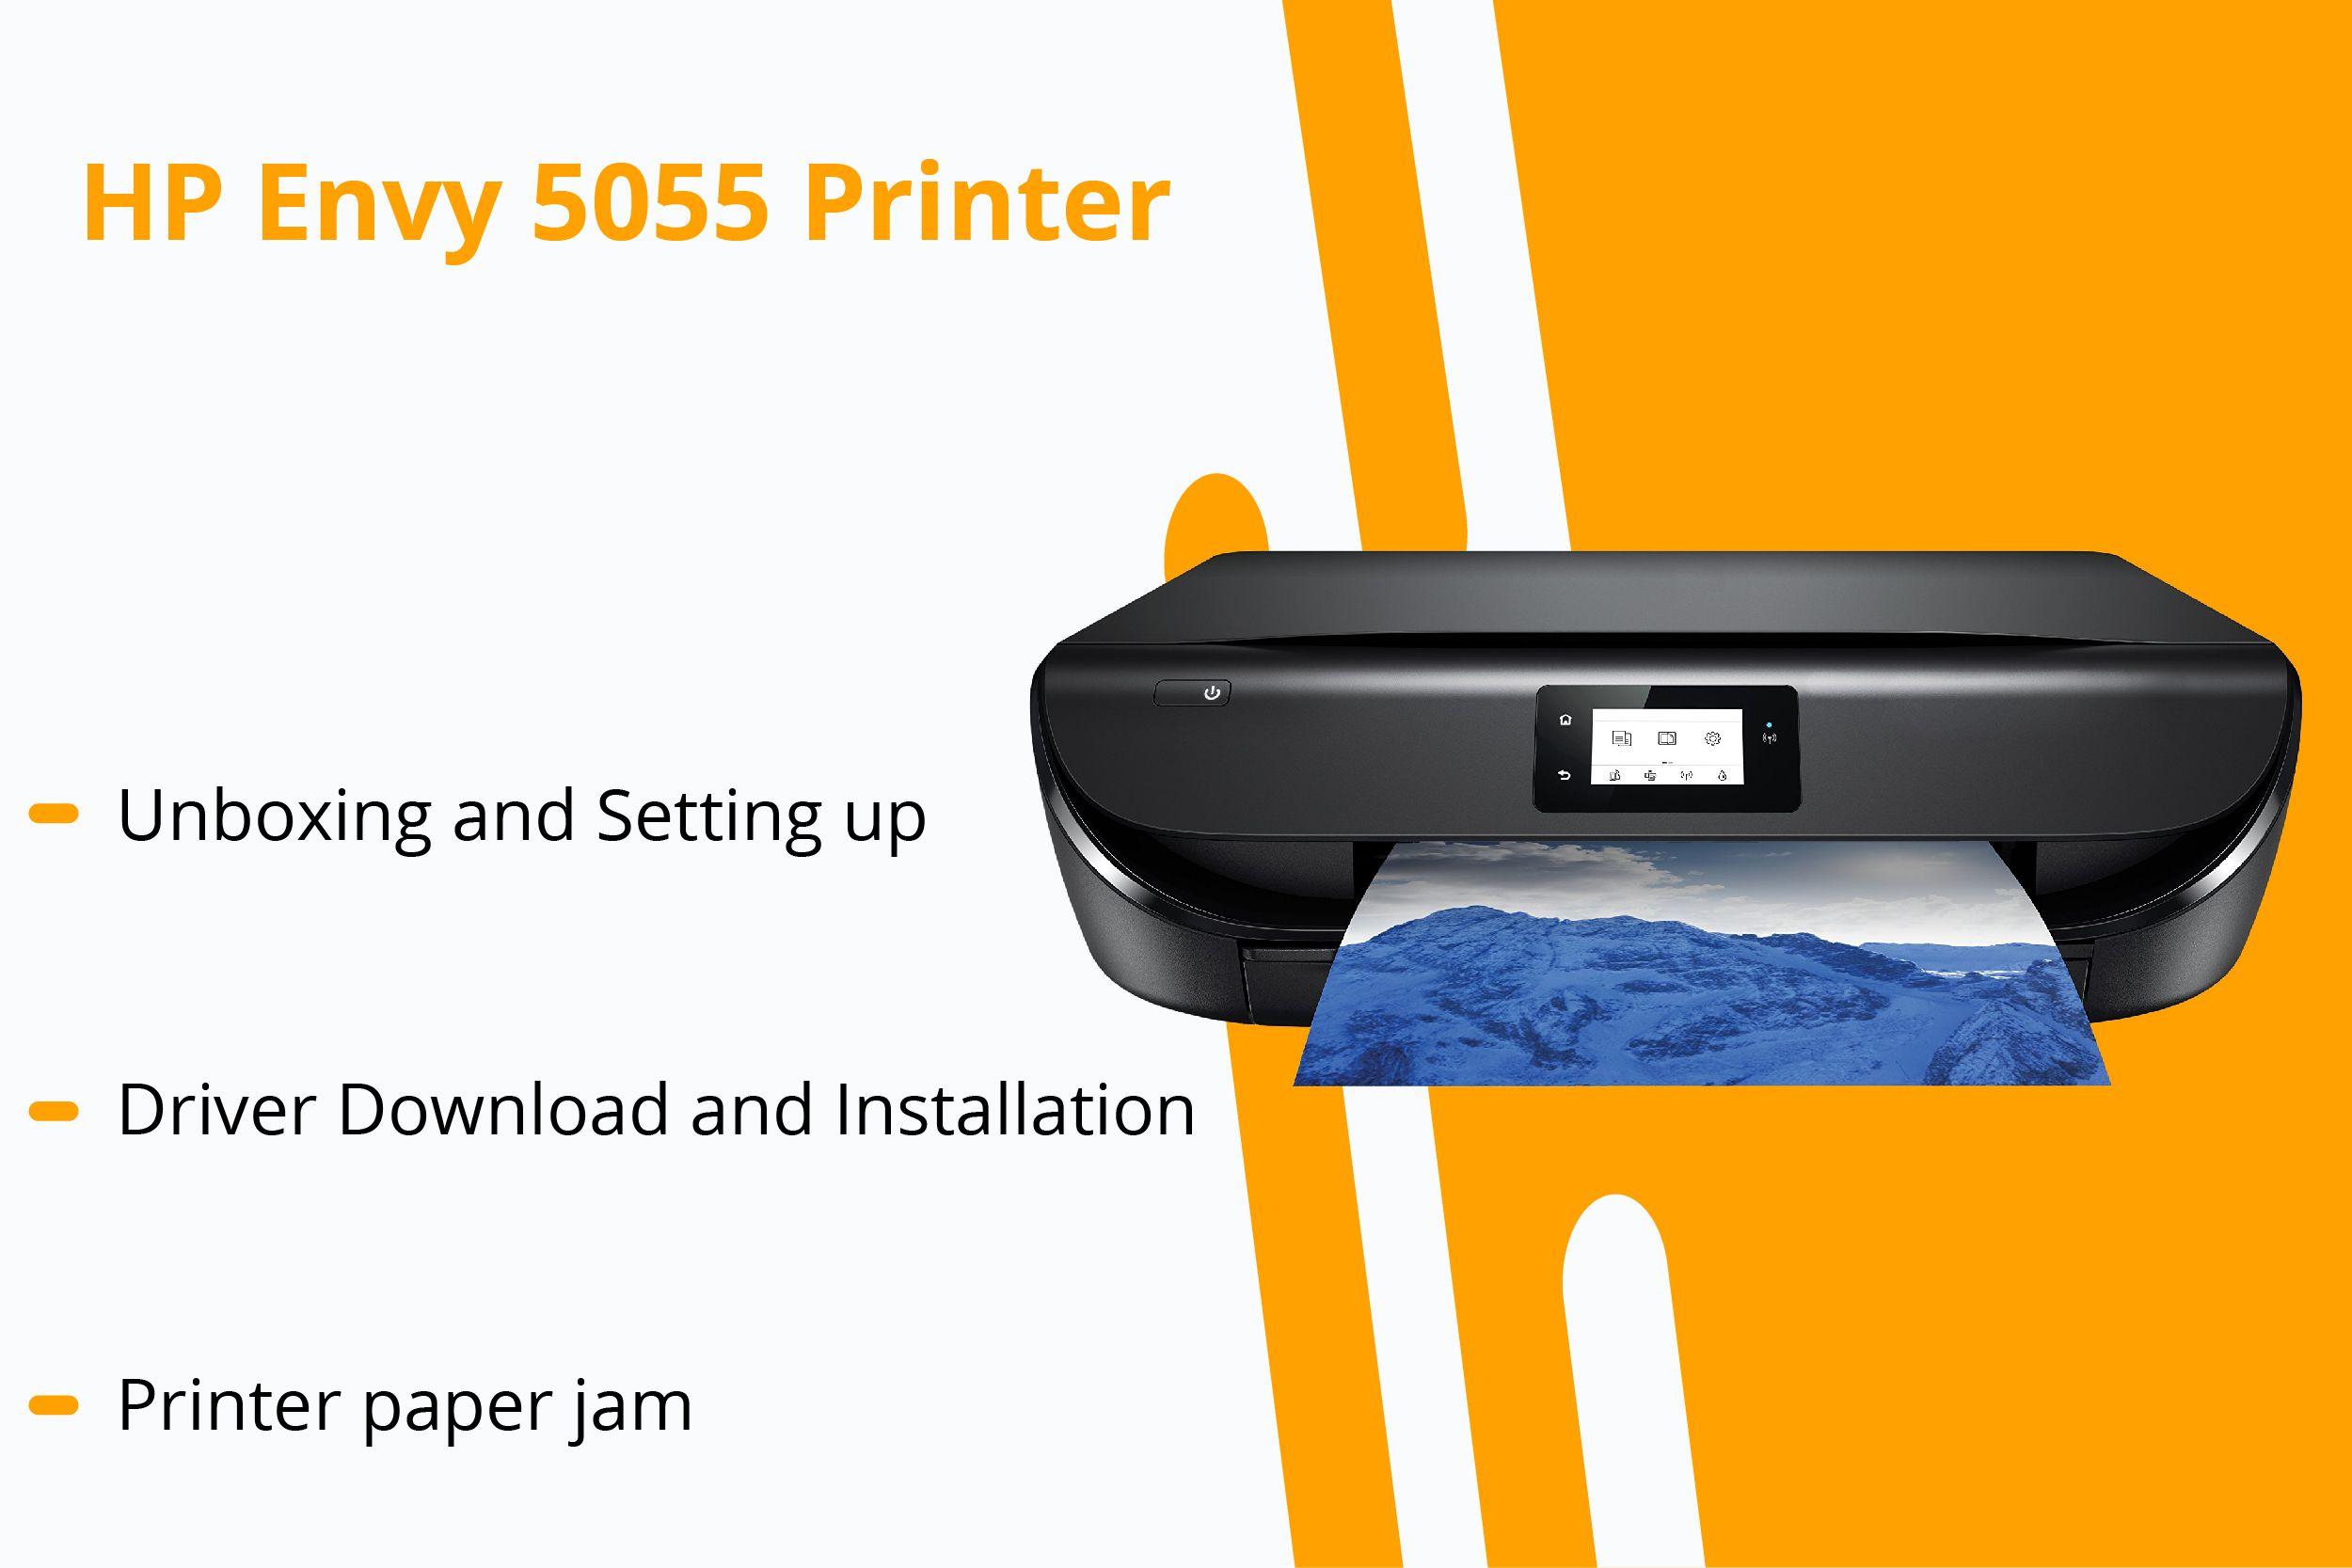 New 123 hp com/envy5055 Printer Setup, Free Driver Download Guide